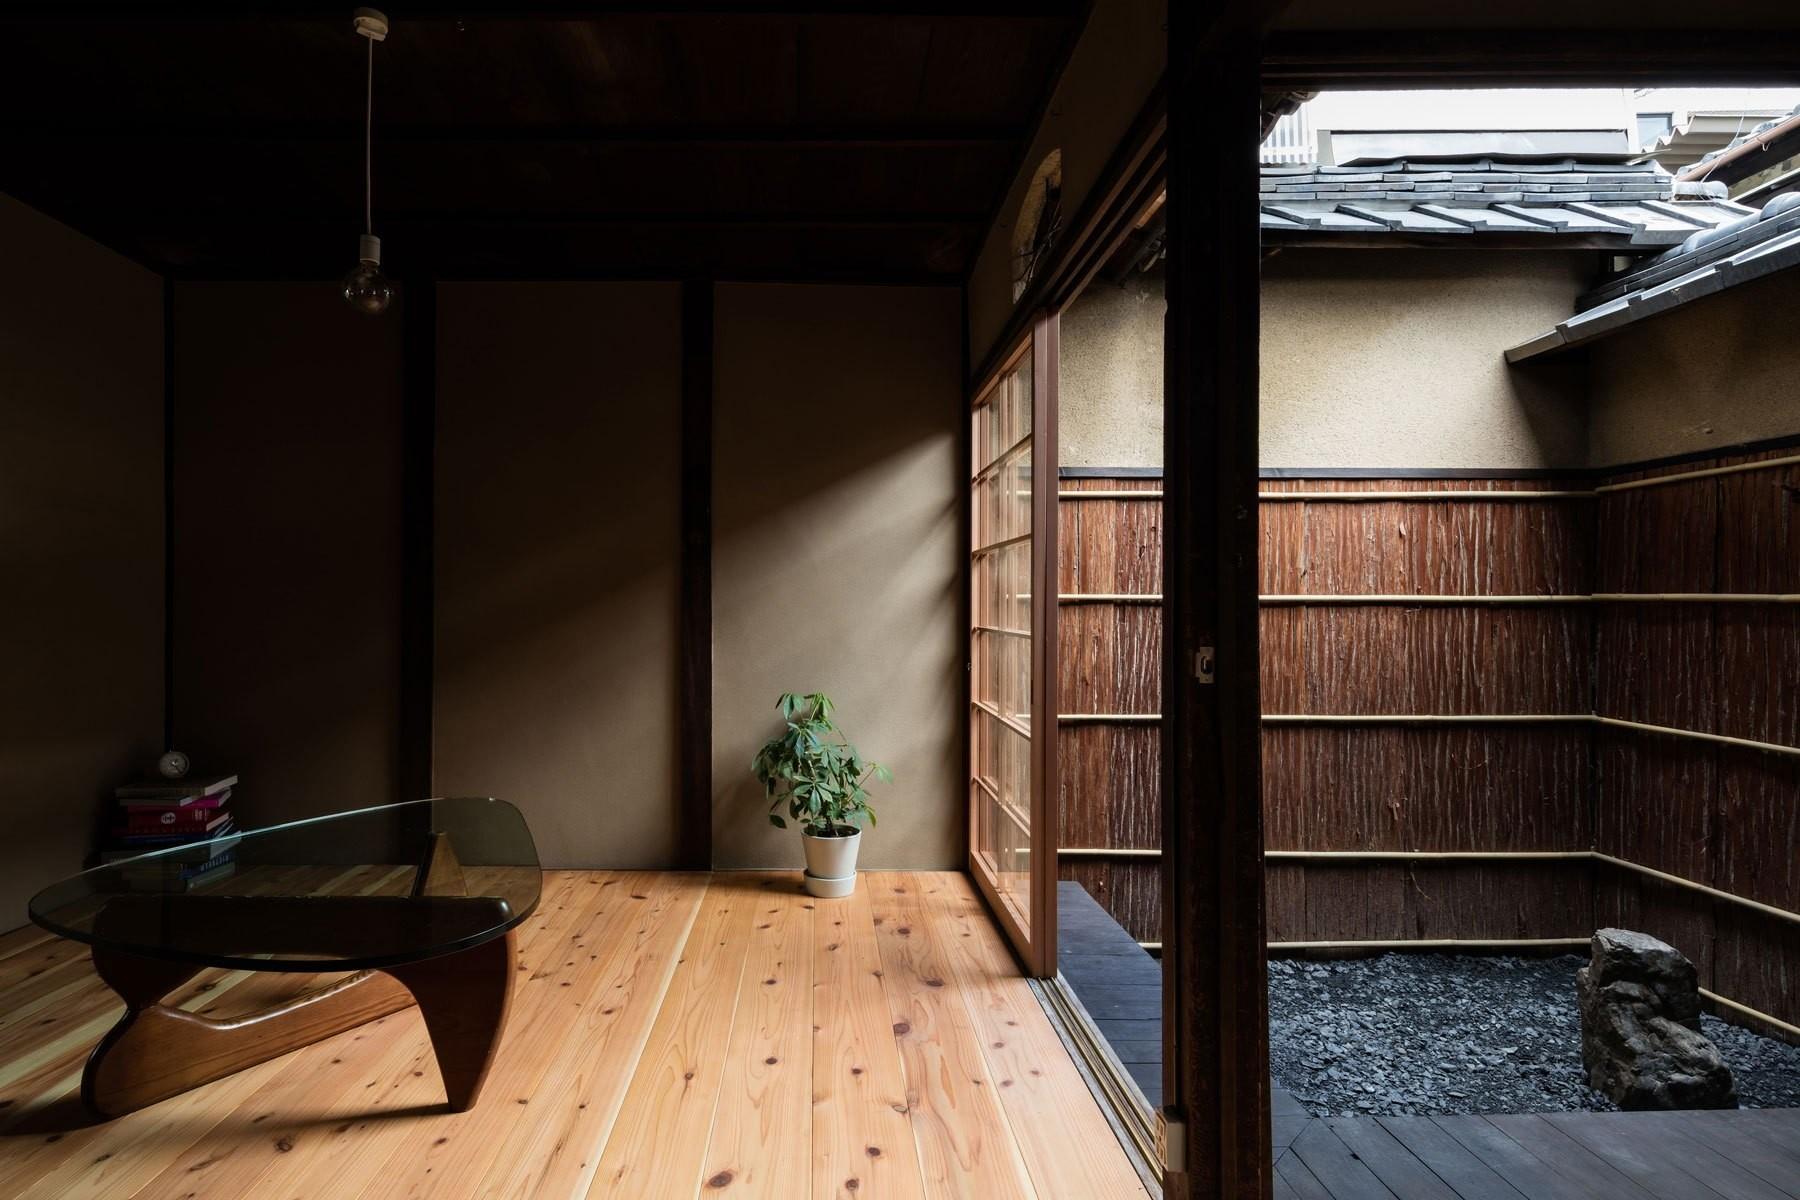 居間・濡れ縁・坪庭が連続的に繋がる町屋らしい空間。塀の杉皮は貼り替えている。 | 昭和小路の長屋|賃貸向け京町家の改修